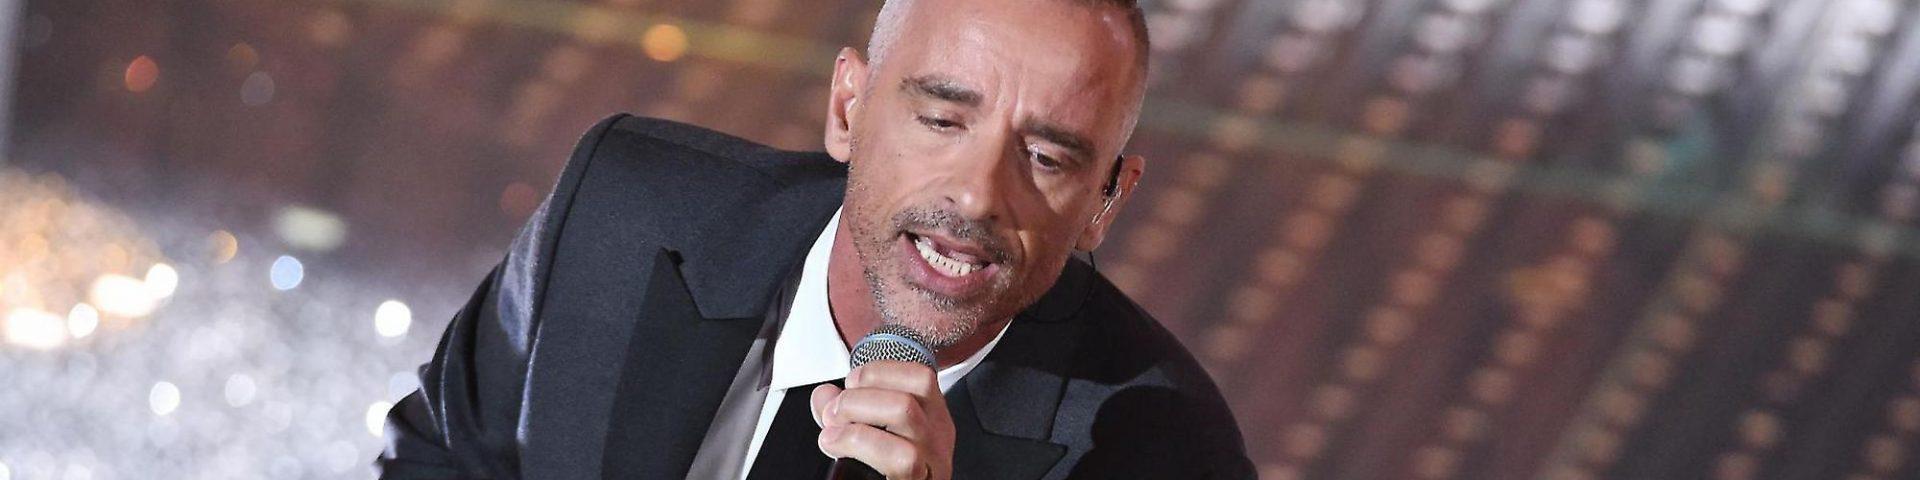 Eros Ramazzotti al Festival di Sanremo 2019?